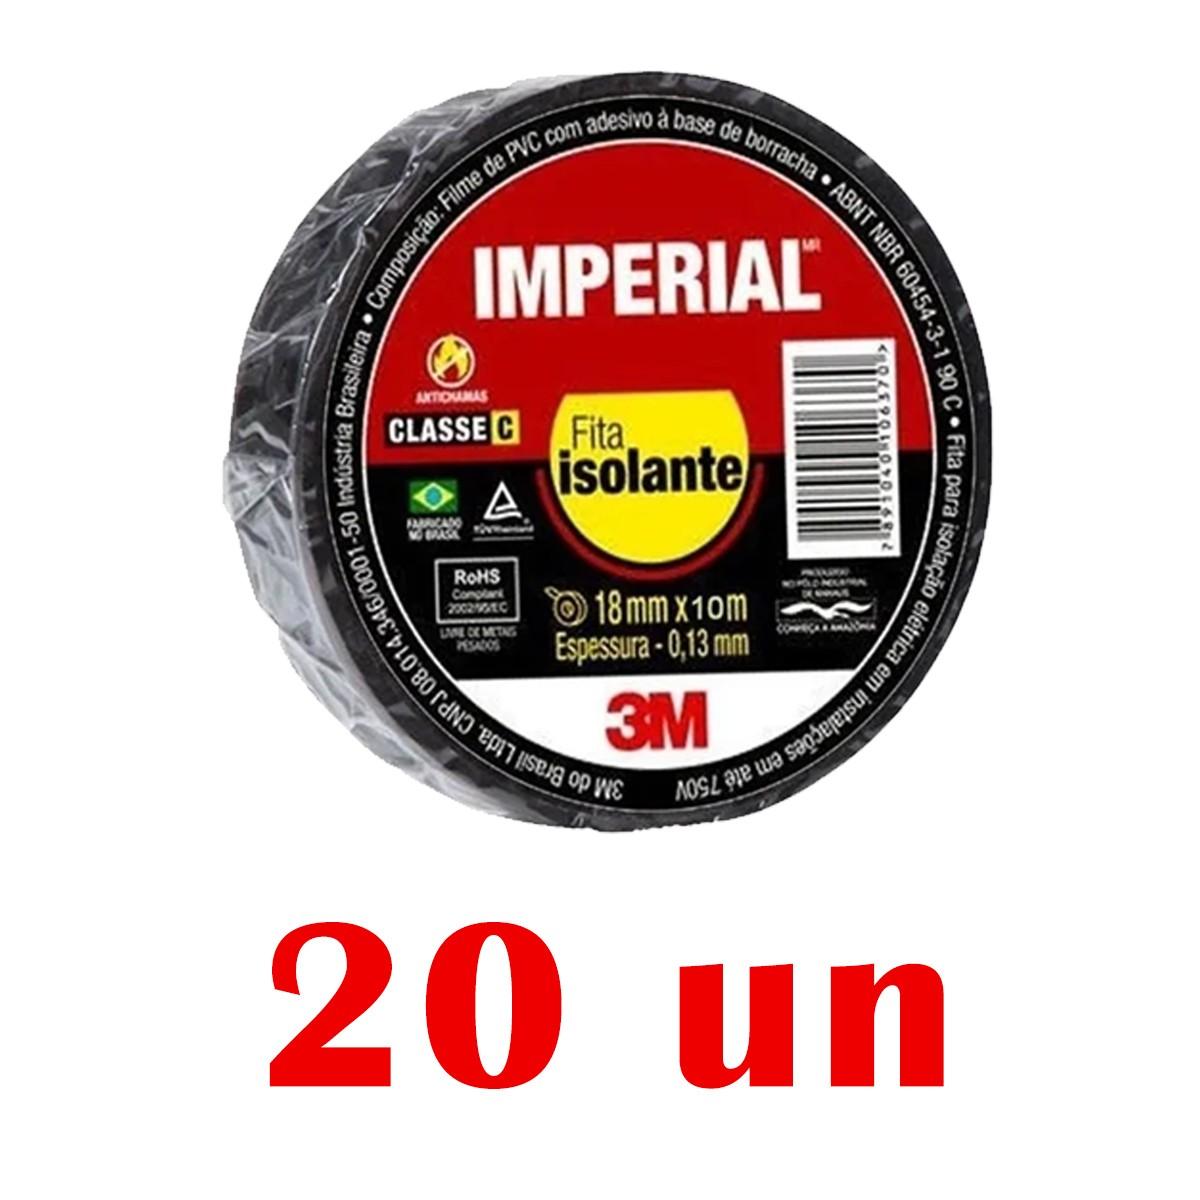 KIT 20 FITAS ISOLANTE 3M IMPERIAL PRETA SLIM 18MMX10M